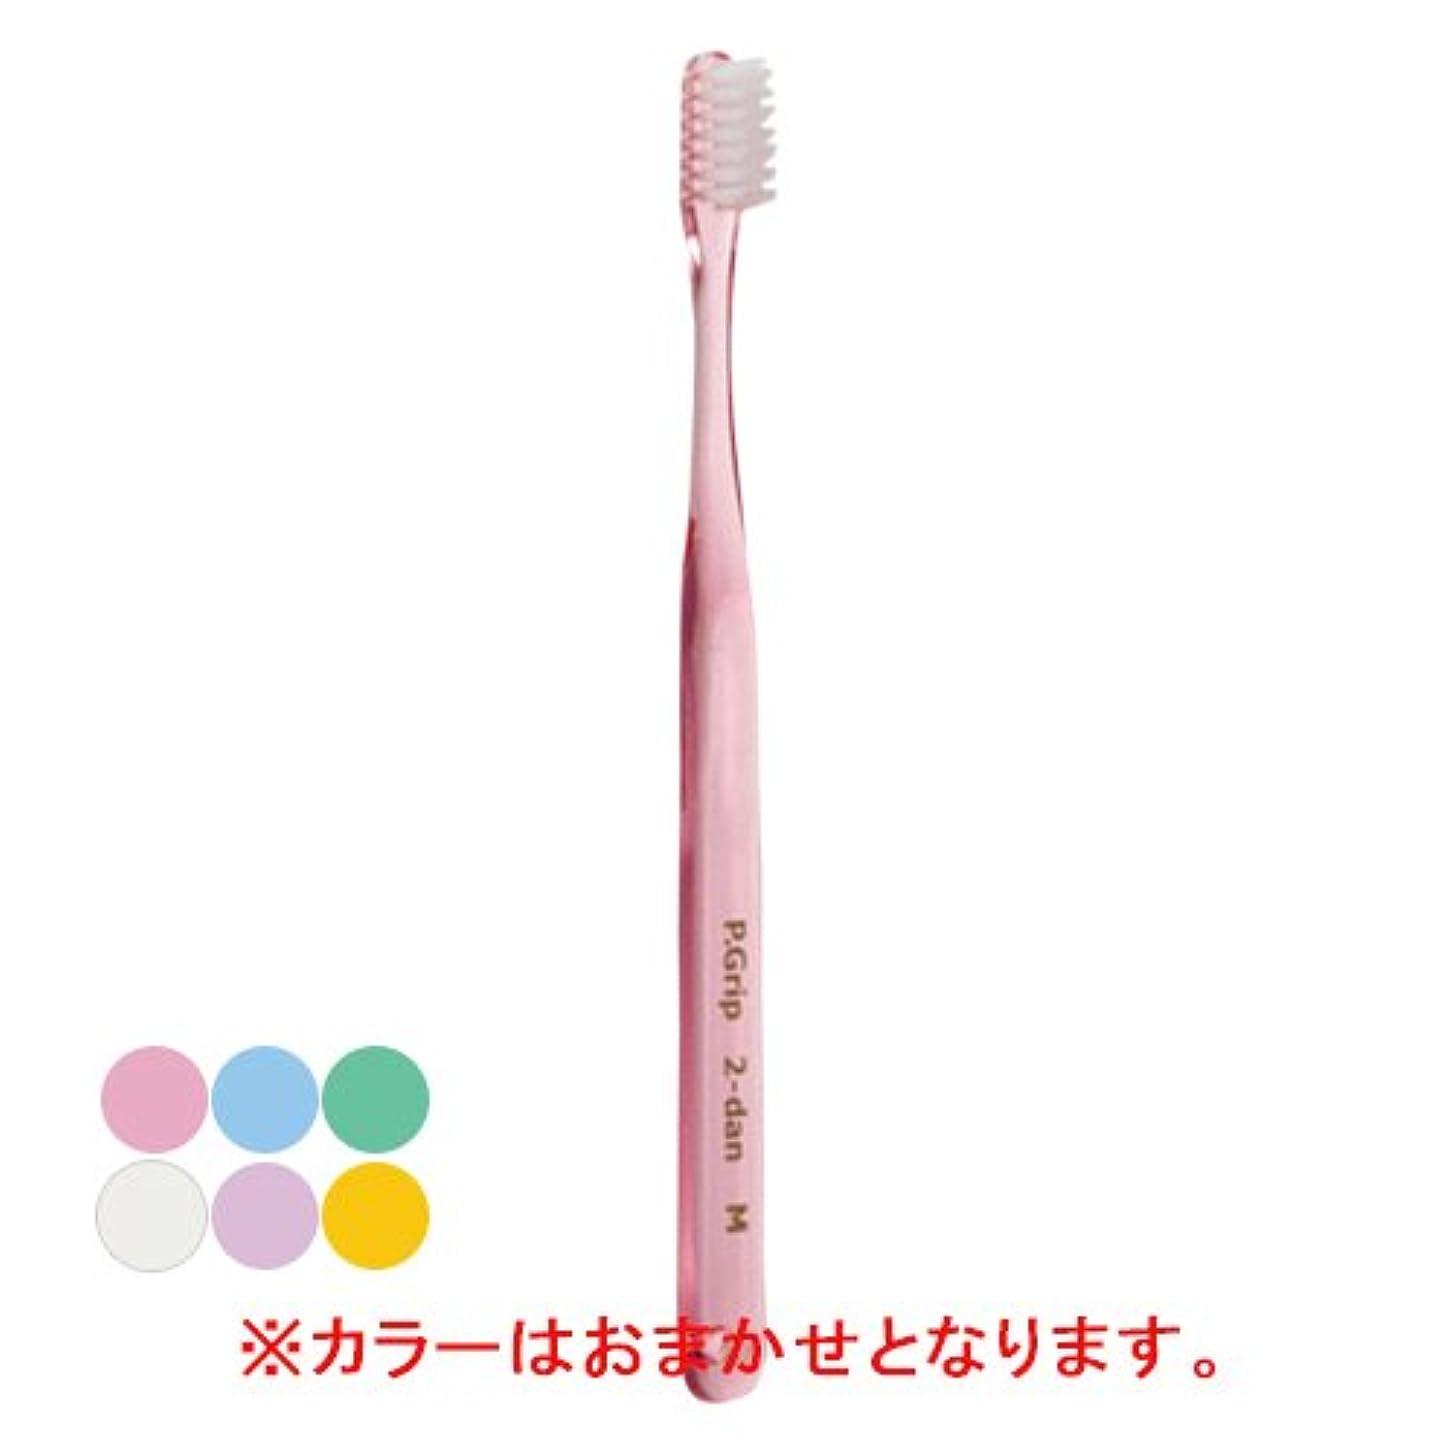 休眠おとうさんレオナルドダP.D.R.(ピーディーアール) P.Grip(ピーグリップ)歯ブラシ 二段植毛タイプ ミディアム(ふつう) 1本